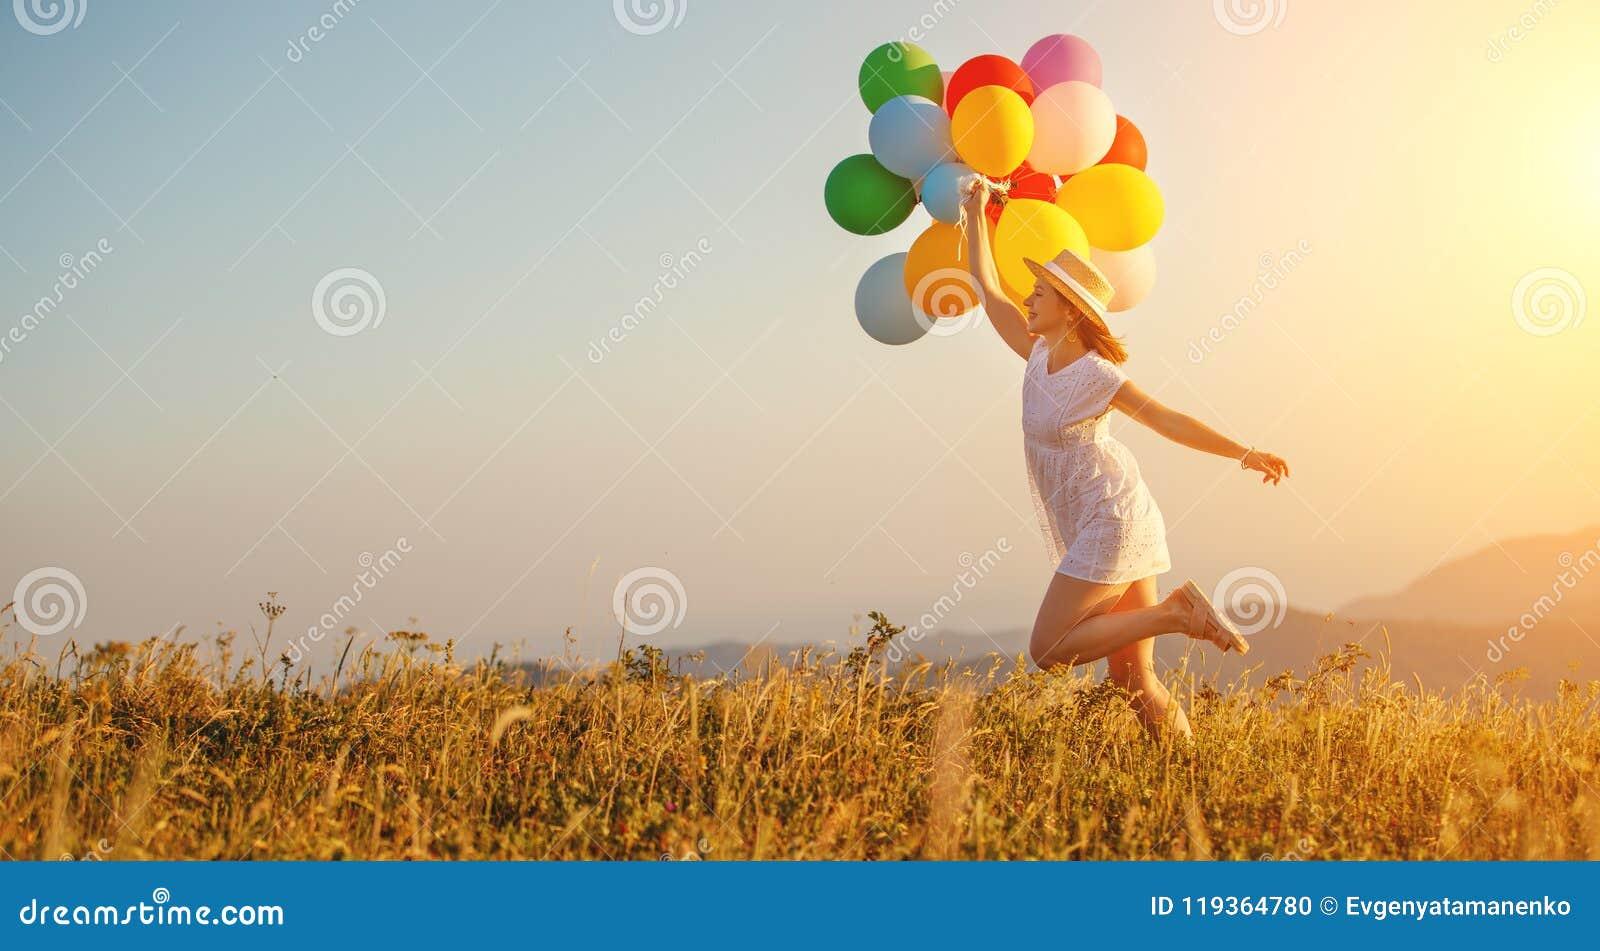 Ευτυχής γυναίκα με τα μπαλόνια στο ηλιοβασίλεμα το καλοκαίρι